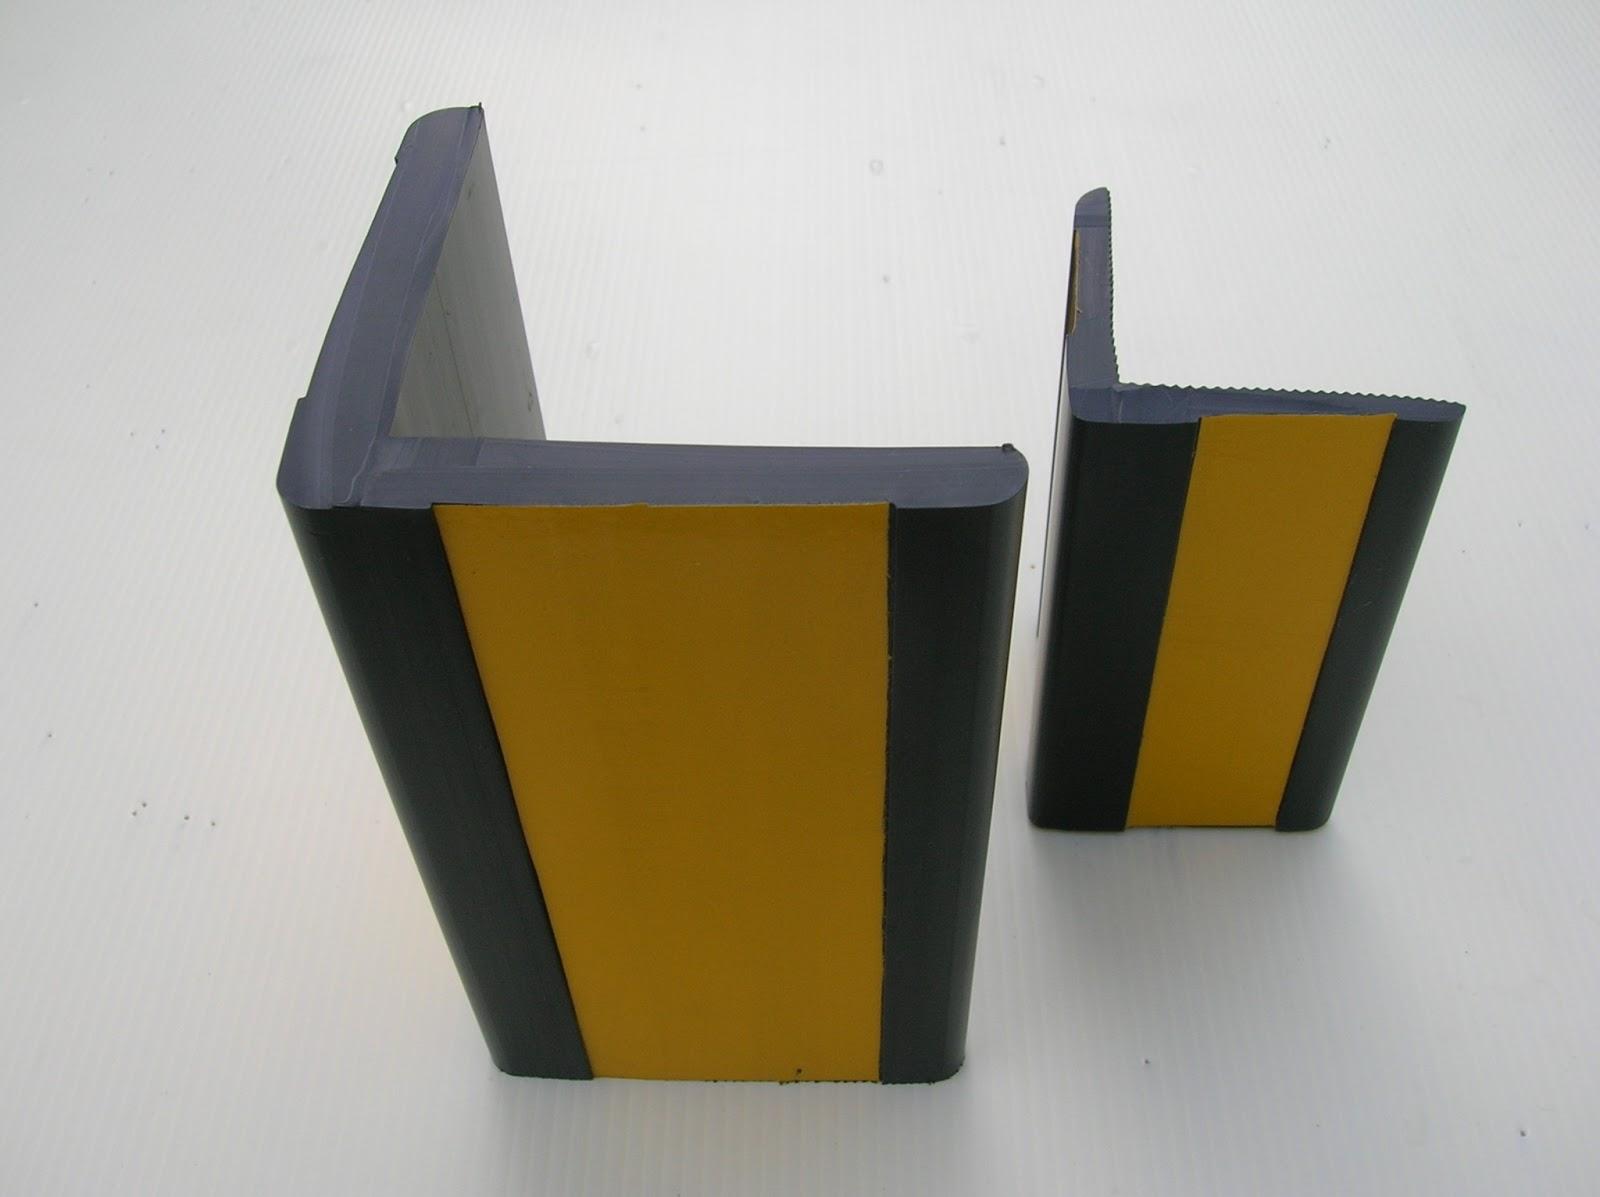 http://1.bp.blogspot.com/-aZVuLNb9h-s/T5u5Yq1W1NI/AAAAAAAABDI/XtI5WjkIUWA/s1600/Flexijoint+Corner+Guard+cw+reflector.JPG